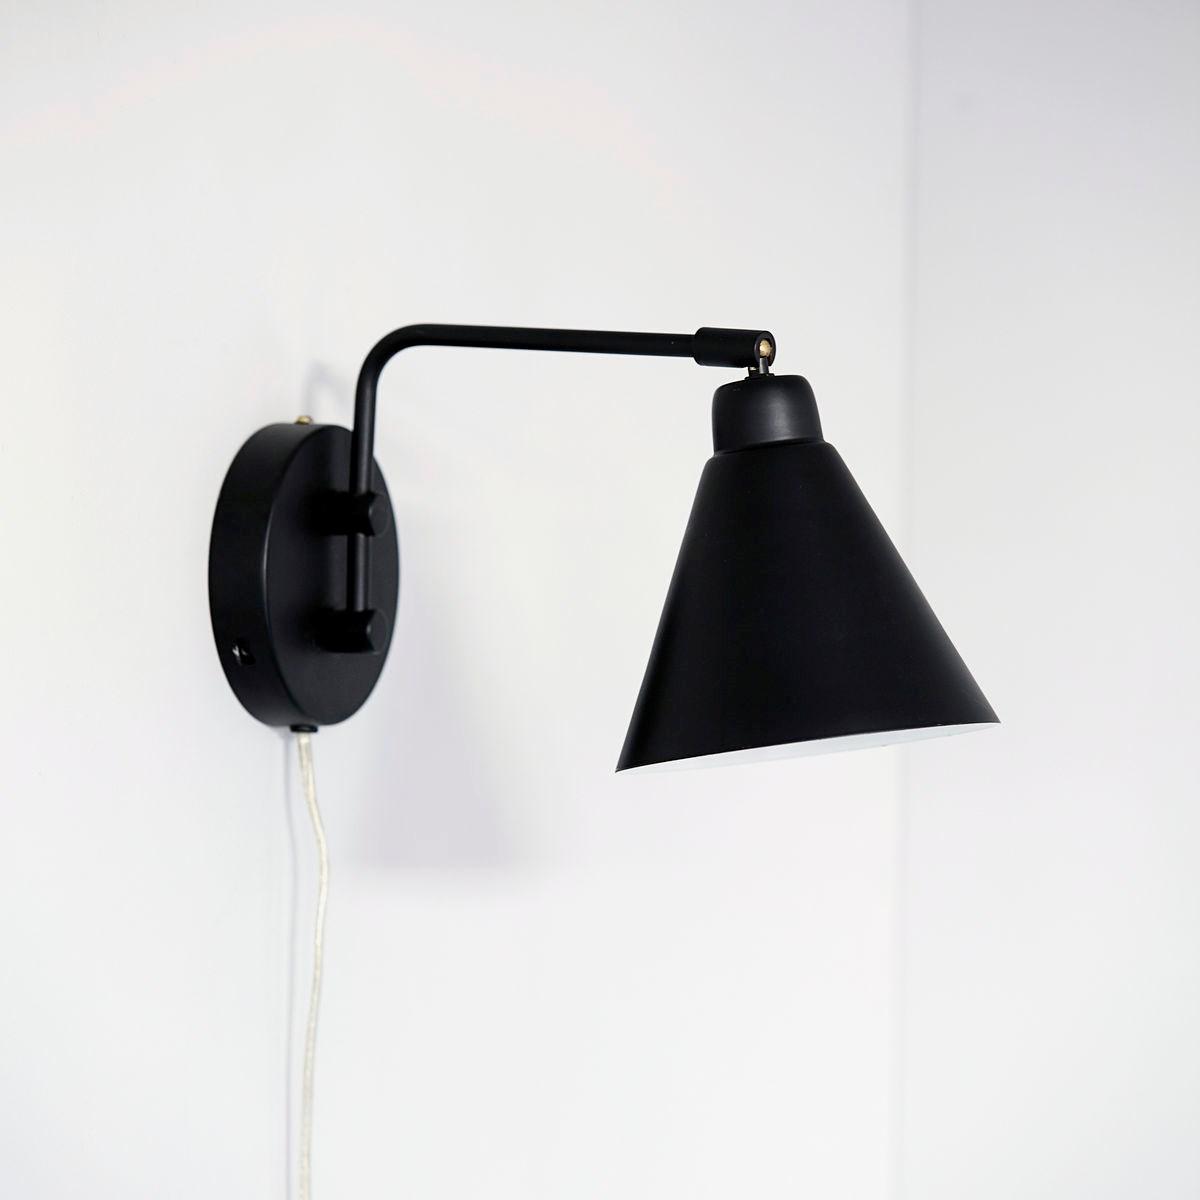 Nástěnná lampa GAME 30 cm (Cb0683)_0